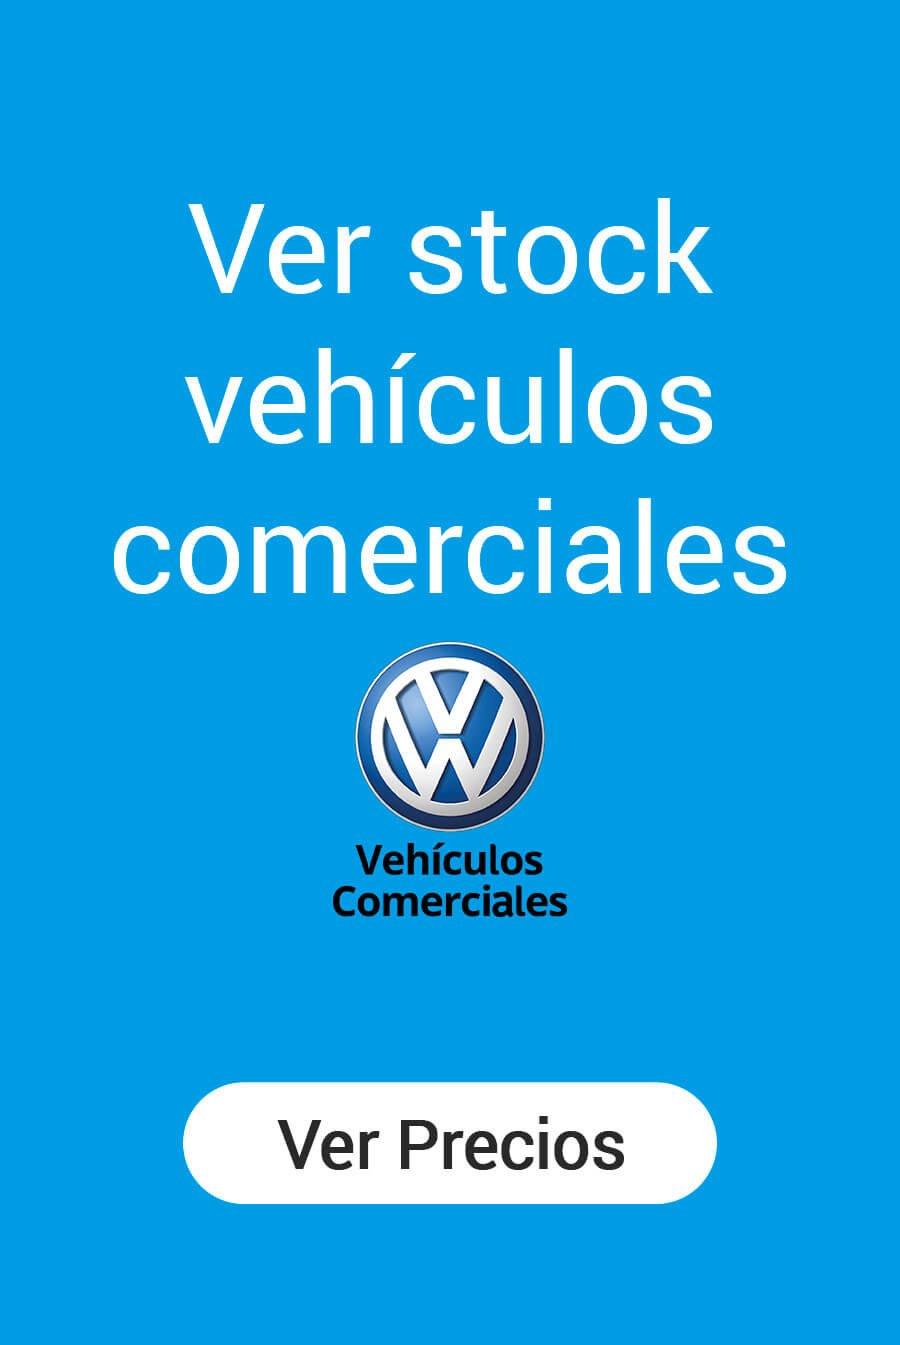 Concesionario Volkswagen Madrid